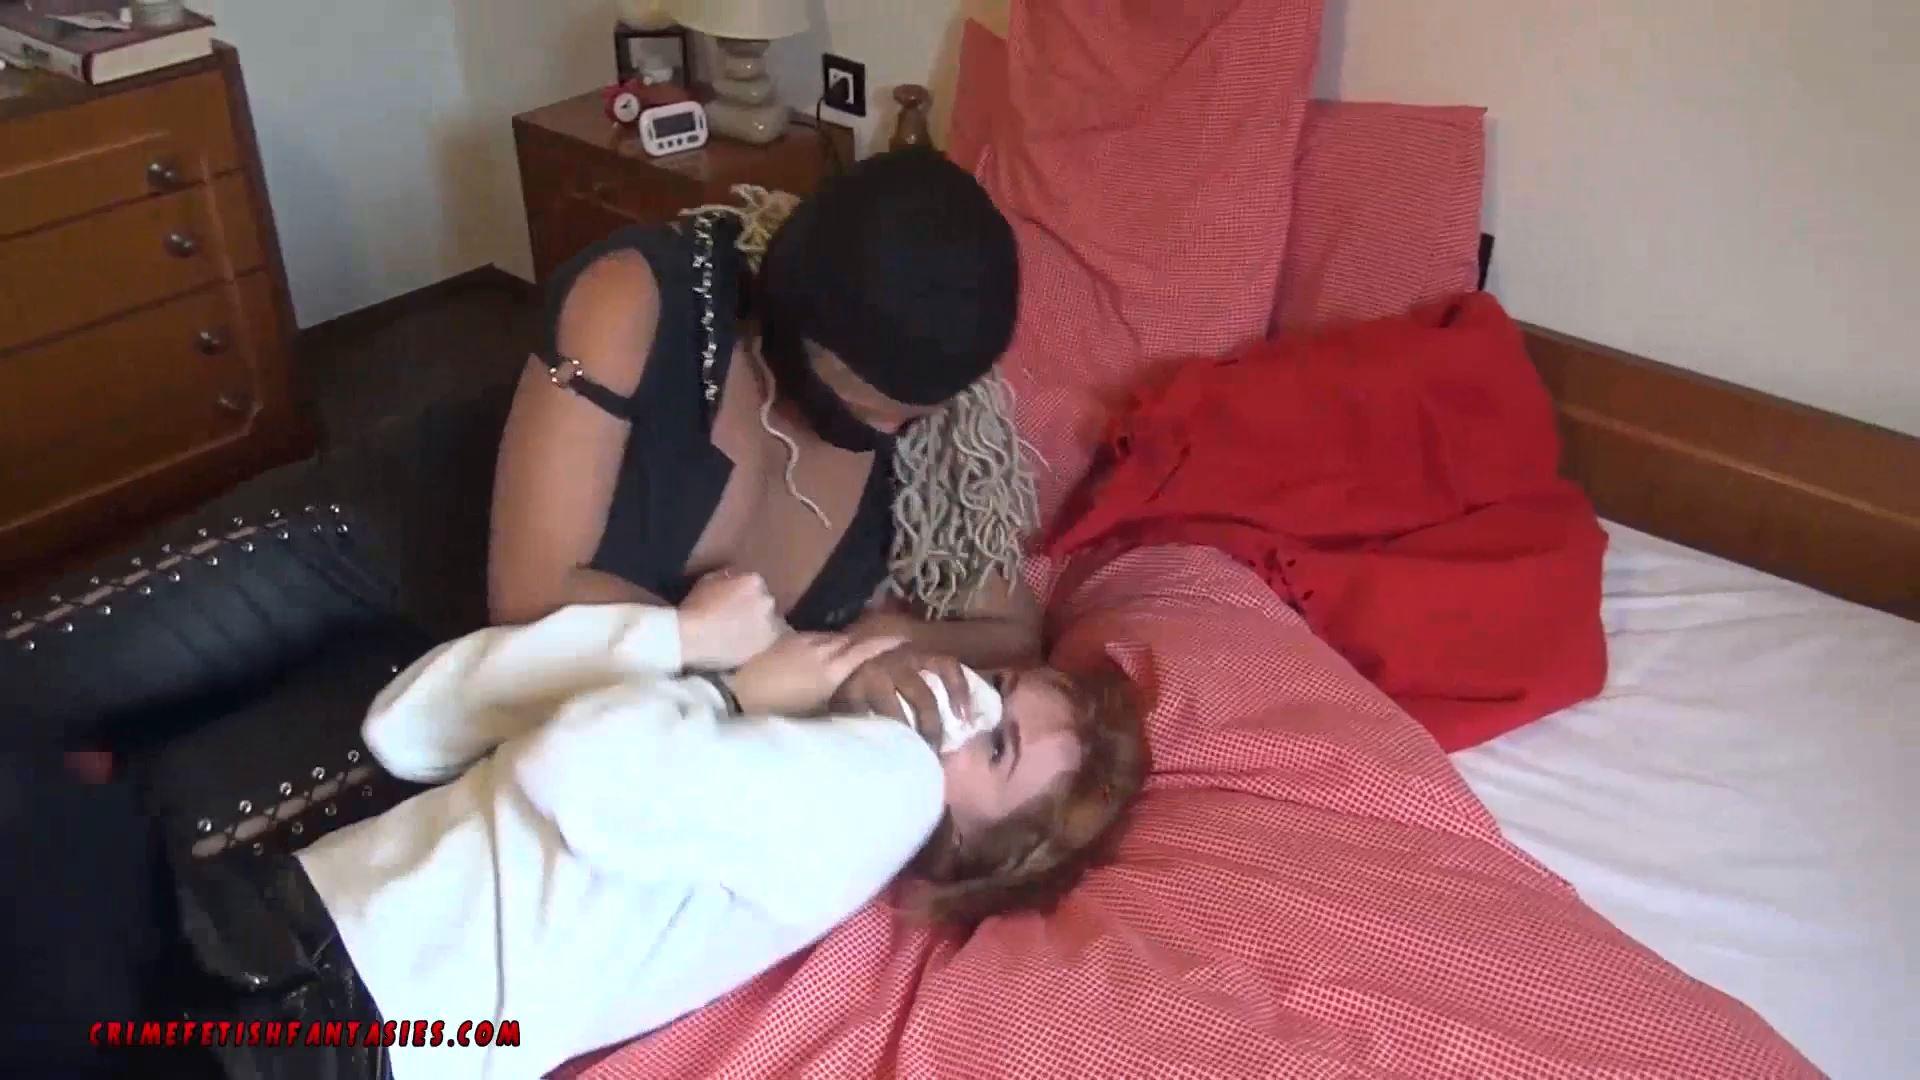 MERYL CHLOROFORMED BY A MASKED WOMAN 3 - CRIMEFETISHFANTASIES - CHLOROFORM FANTASY - FULL HD/1080p/MP4